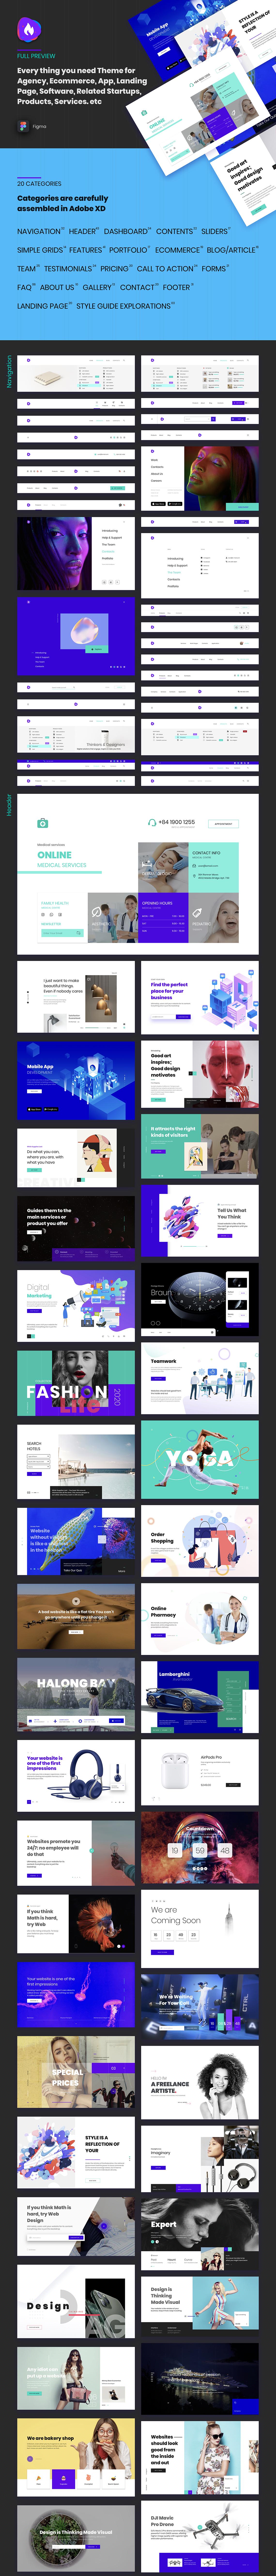 Ataman UI Kit - Templates For Website [Figma] - 1